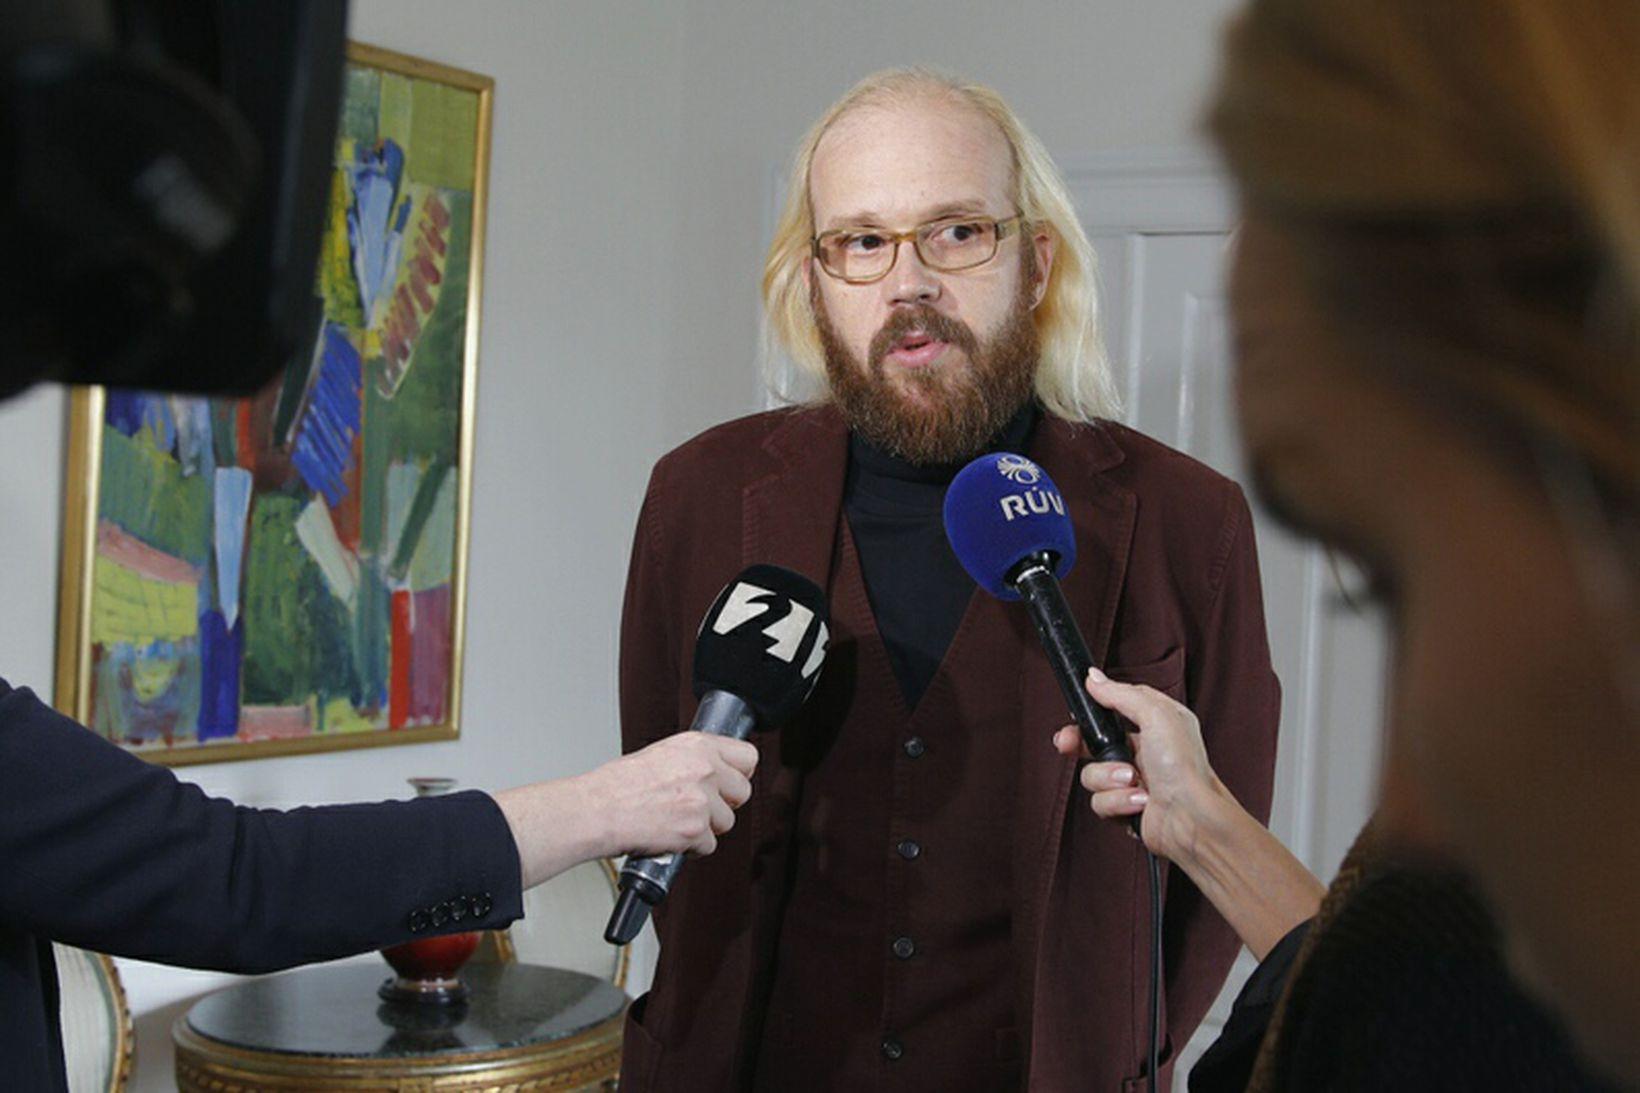 Óttarr Proppé ræðir við fjölmiðla á Bessastöðum í dag.